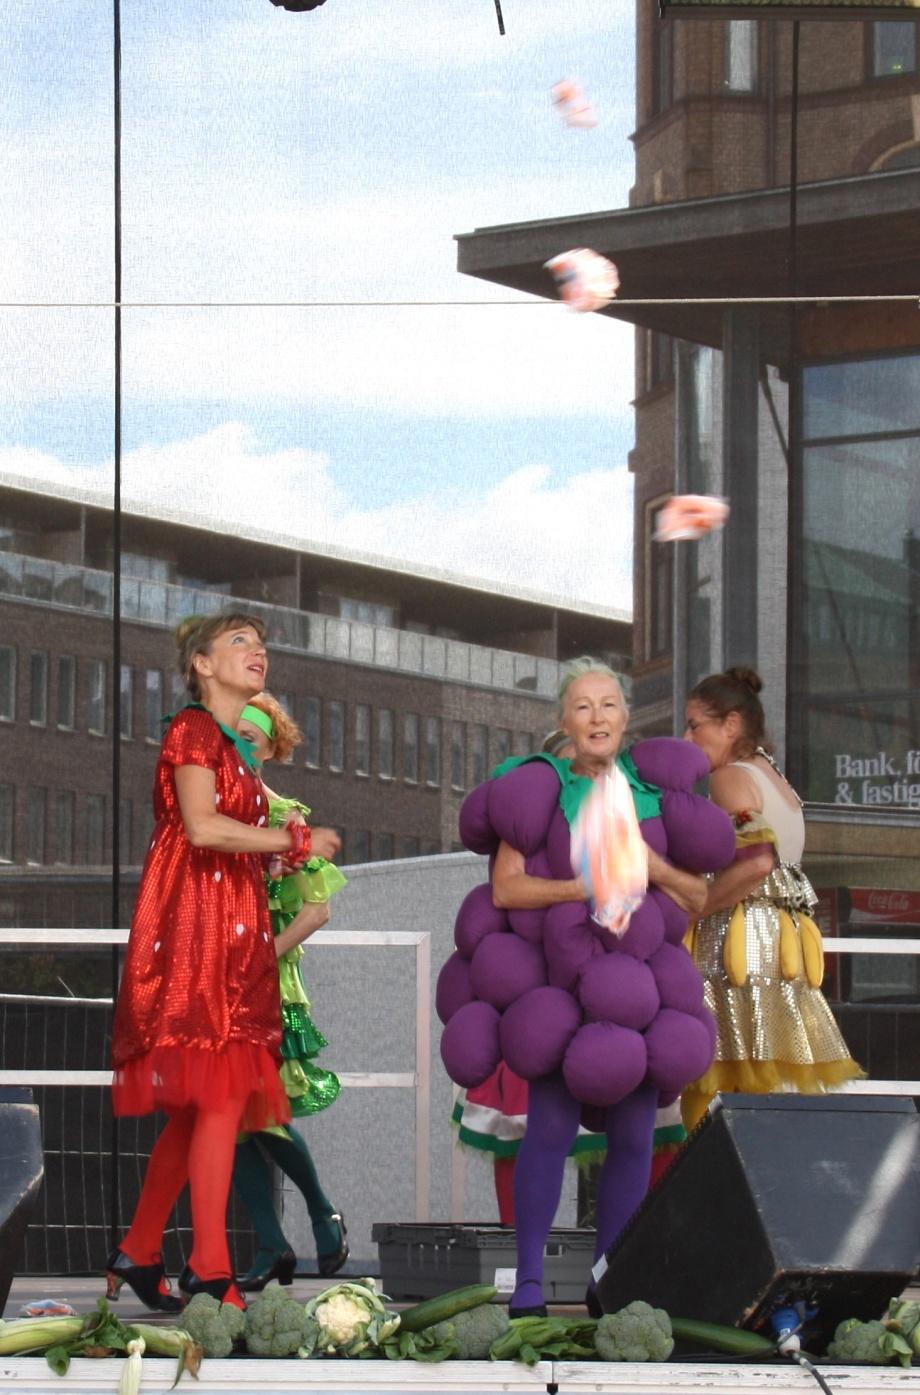 Godisregn blev det också! Publiken jublade när de fångade de krispiga minimorötterna som Dole/Saba sponsrat!